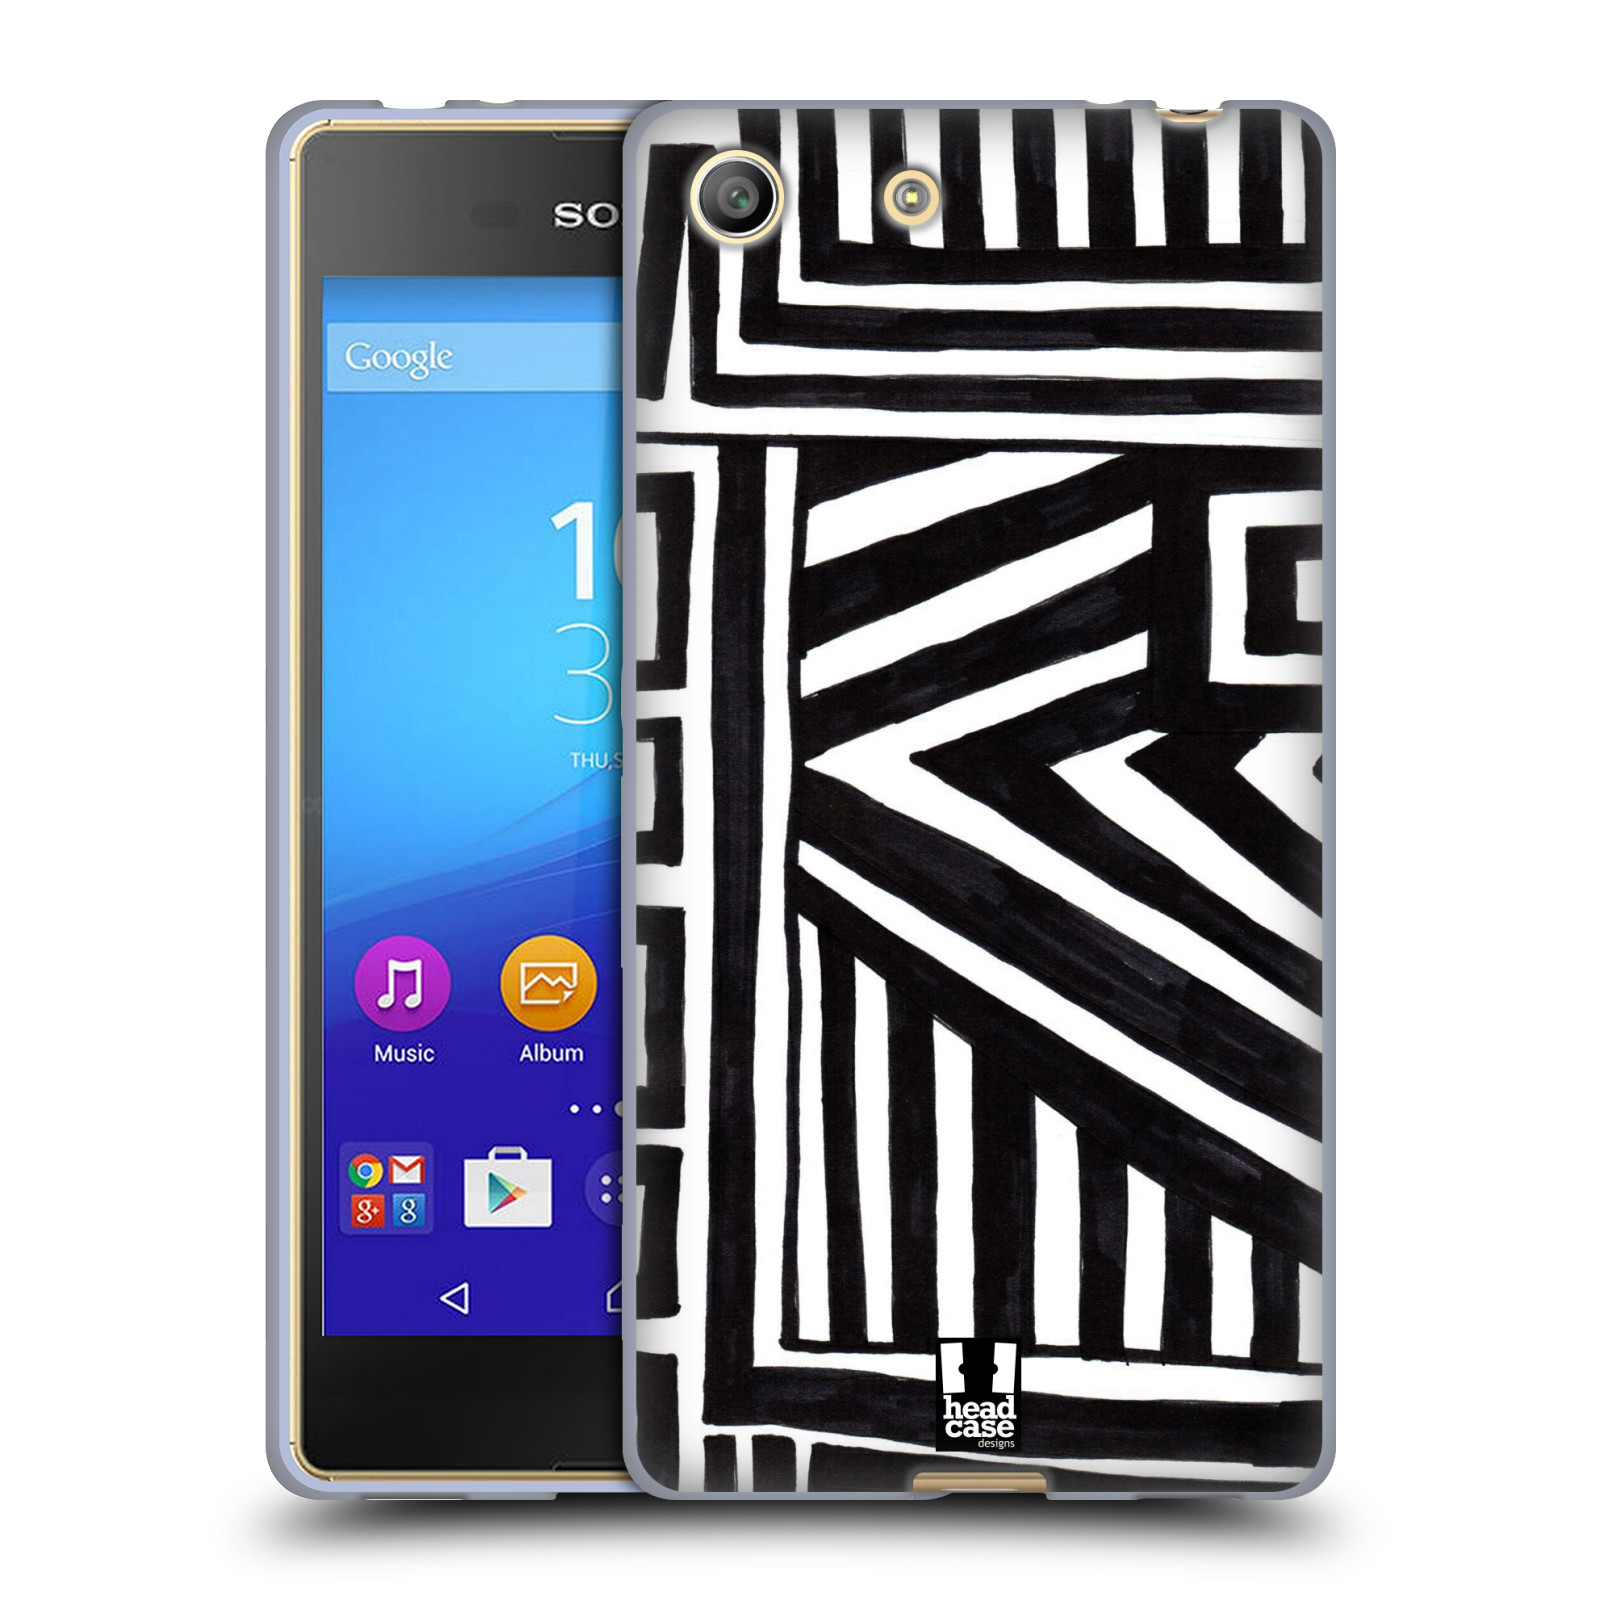 Silikonové pouzdro na mobil Sony Xperia M5 HEAD CASE DOODLE GEOMETRIC (Silikonový kryt či obal na mobilní telefon Sony Xperia M5 Dual SIM / Aqua)